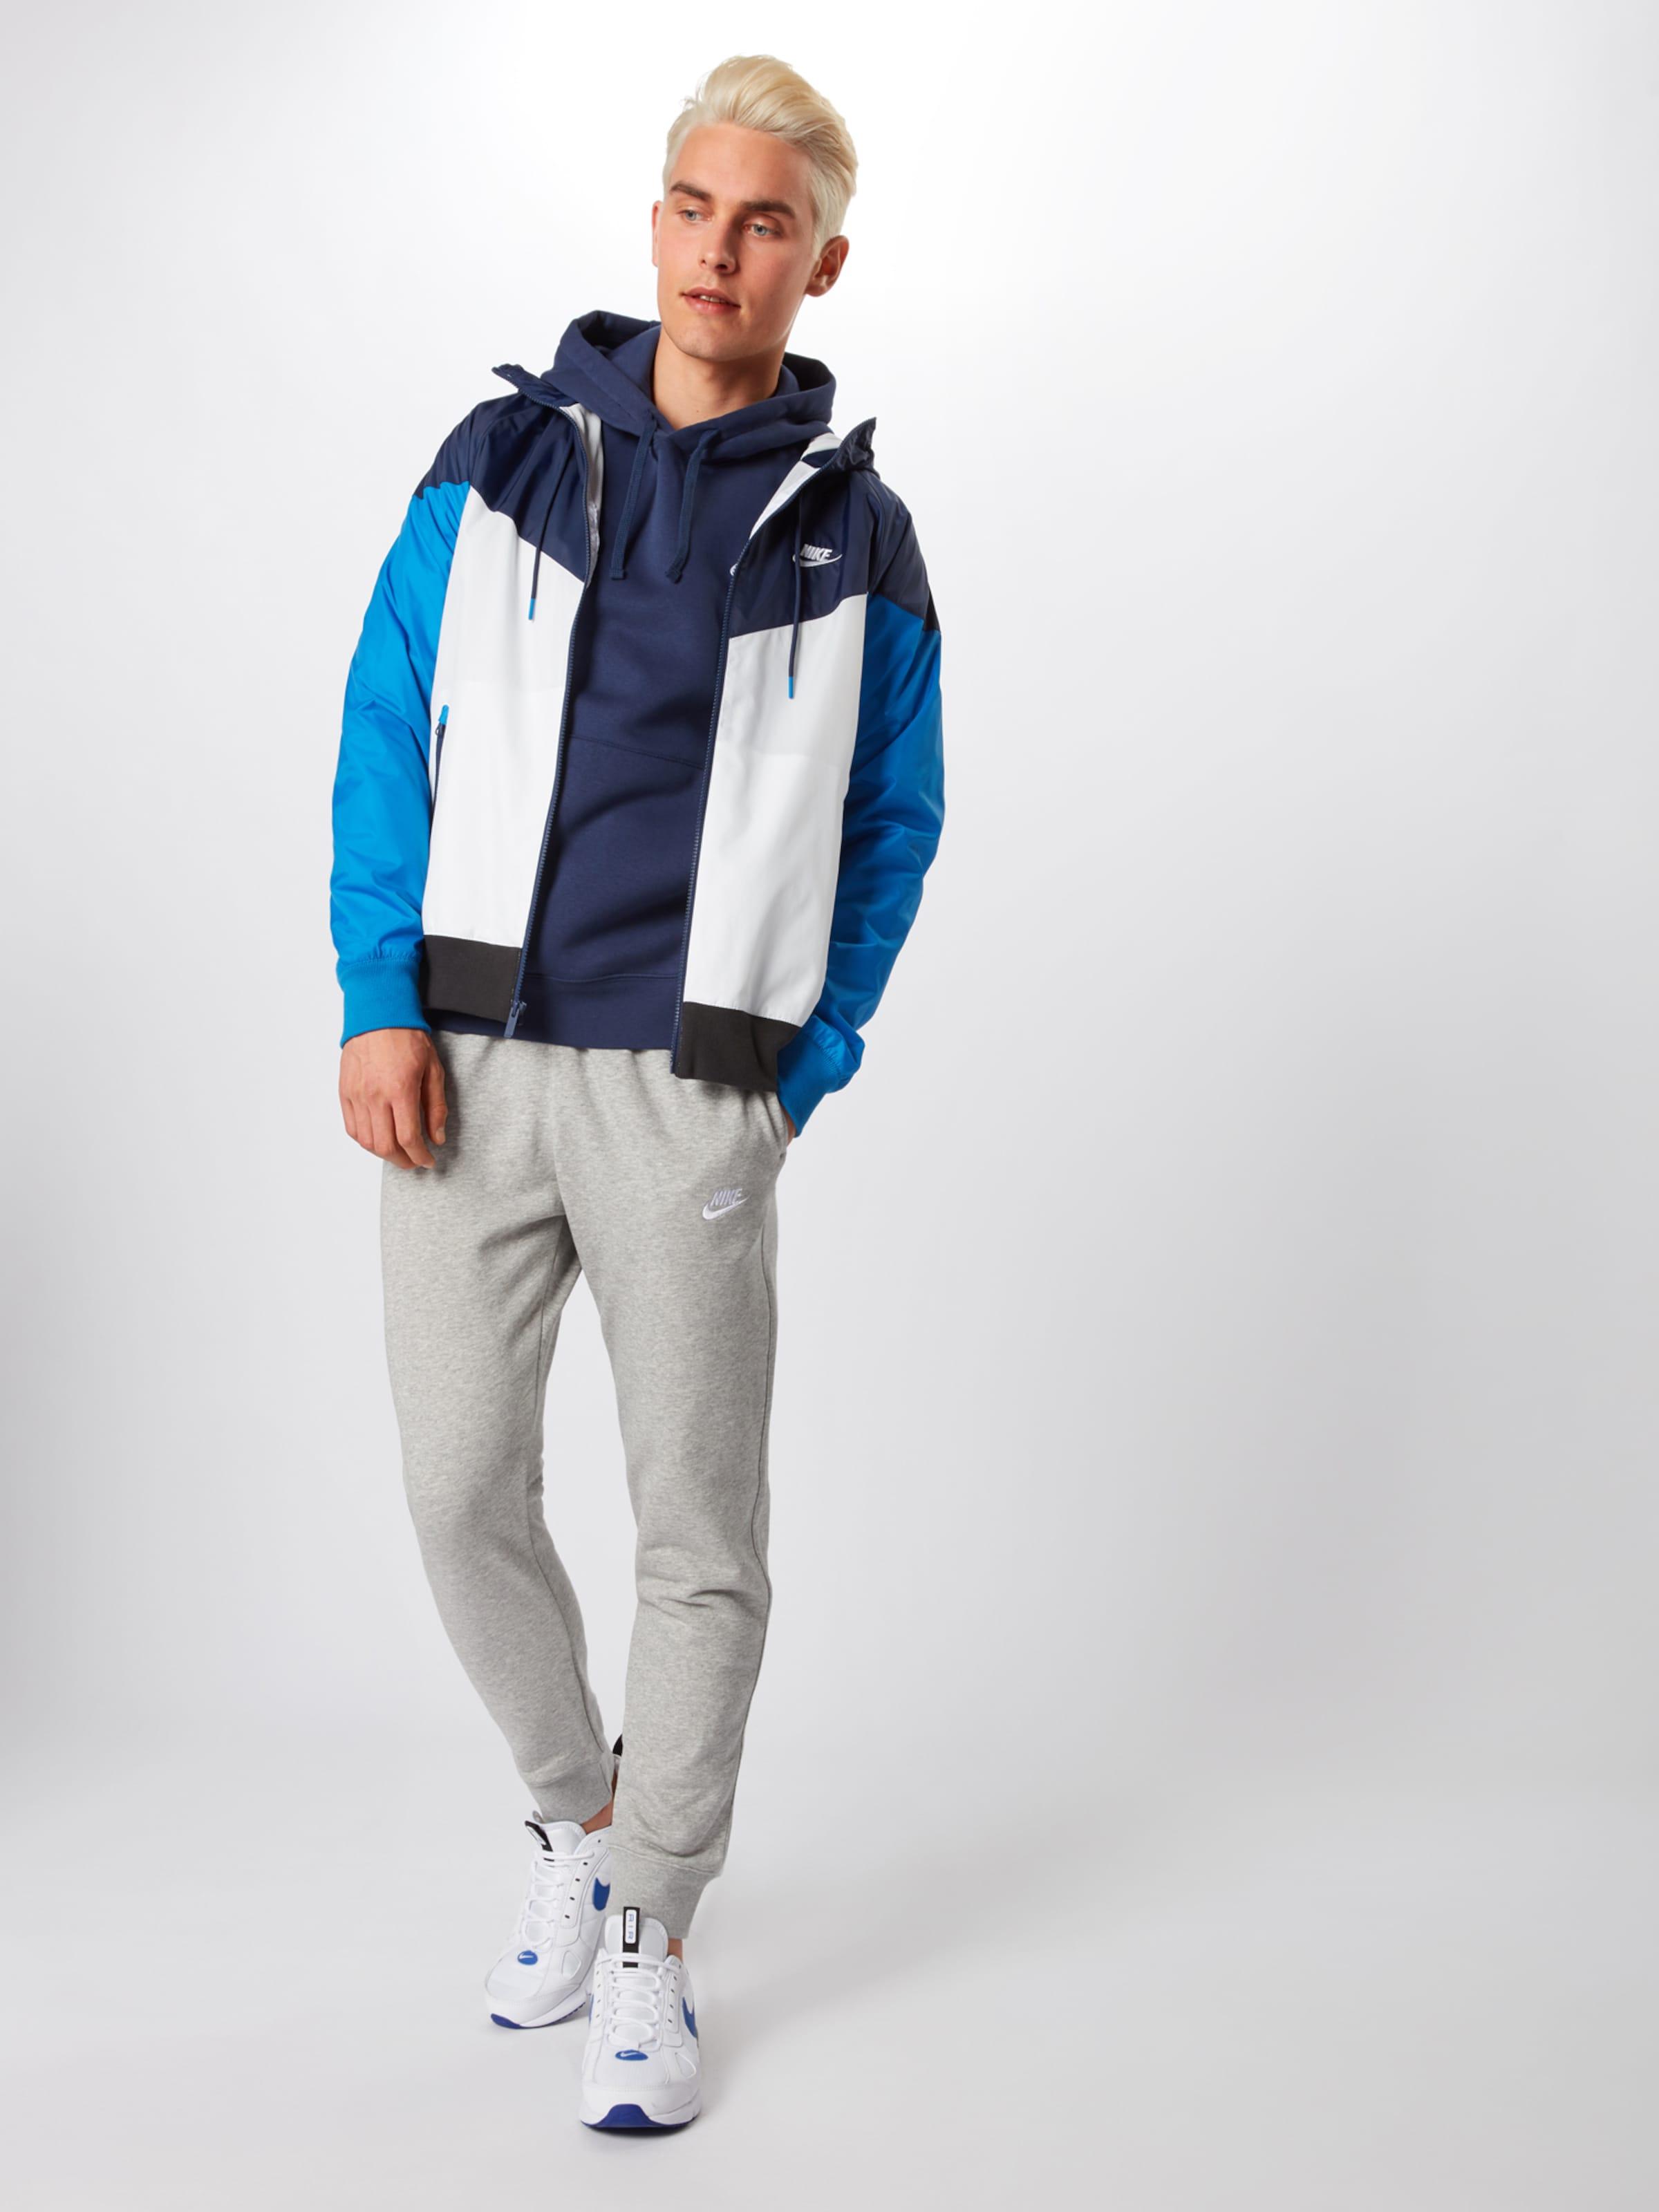 Sportswear NoirBlanc Pantalon Pantalon Pantalon Nike Sportswear NoirBlanc Nike En Sportswear Nike En Yf76Igbyv